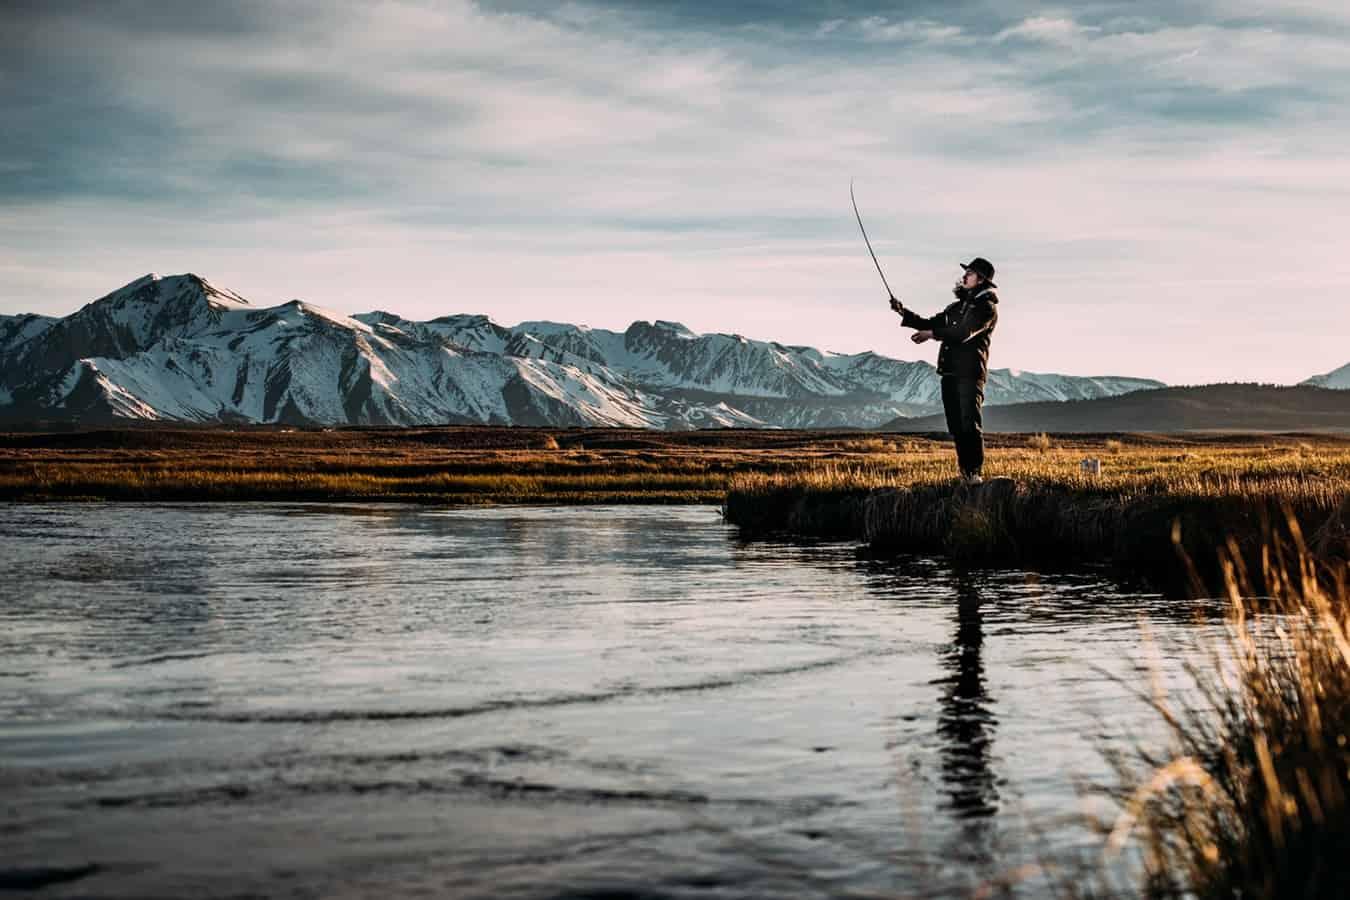 image de pêche